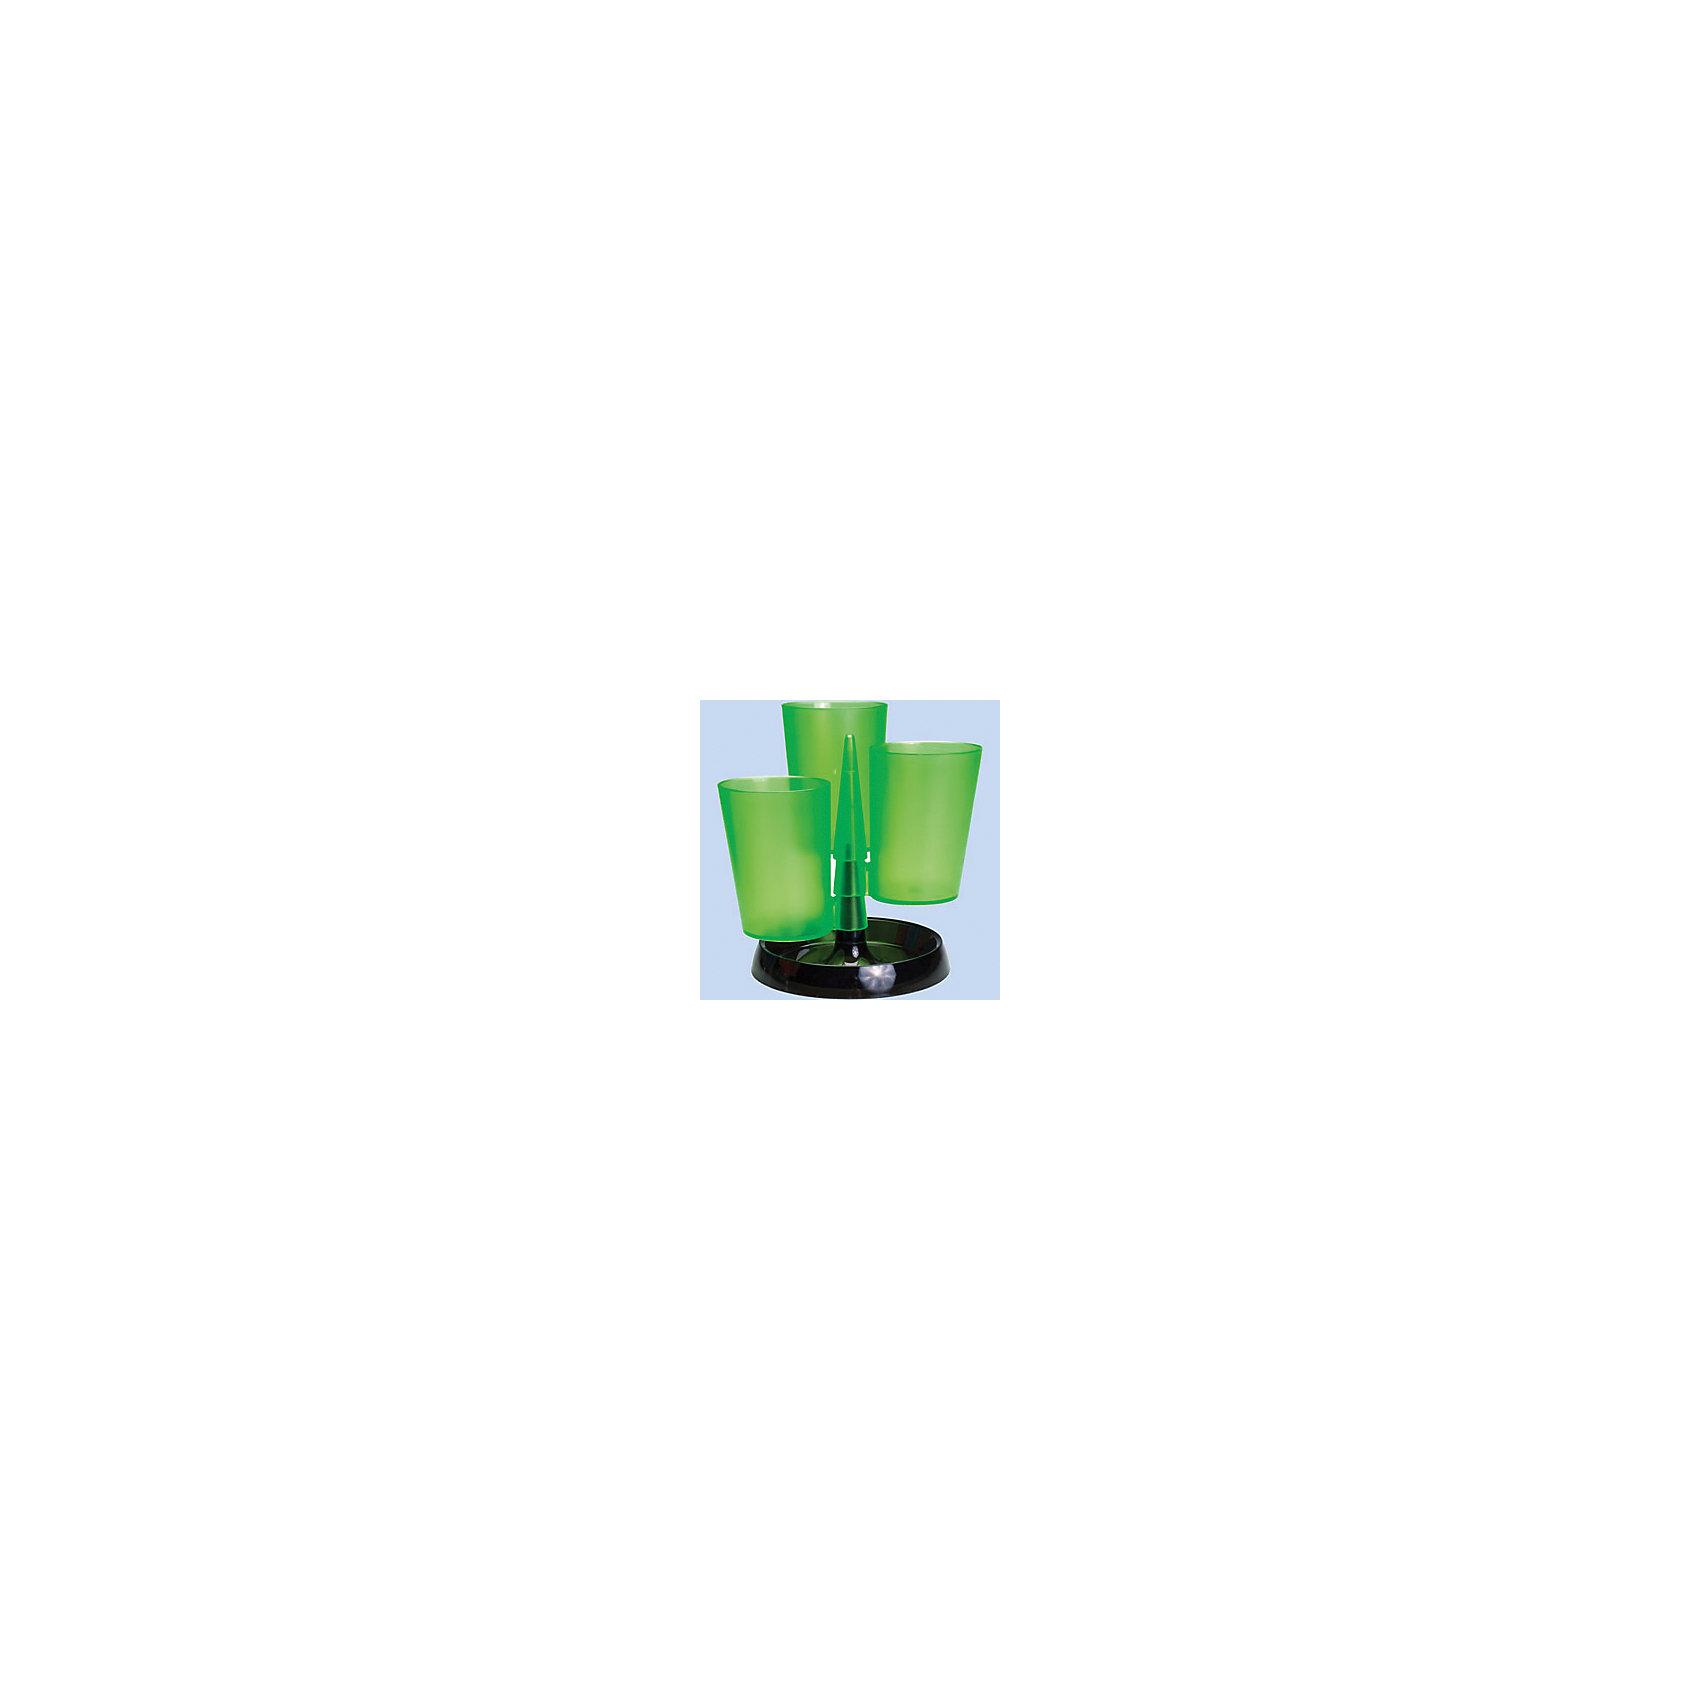 Centrum Настольная подставка пластиковая, 3 стакана, пластикова, без наполнения, цвет ассортиНужные мелочи<br>Настольная подставка пластиковая, 3 стакана, пластикова, без наполнения, цвет ассорти<br><br>Ширина мм: 170<br>Глубина мм: 170<br>Высота мм: 110<br>Вес г: 220<br>Возраст от месяцев: 72<br>Возраст до месяцев: 2147483647<br>Пол: Унисекс<br>Возраст: Детский<br>SKU: 6846747